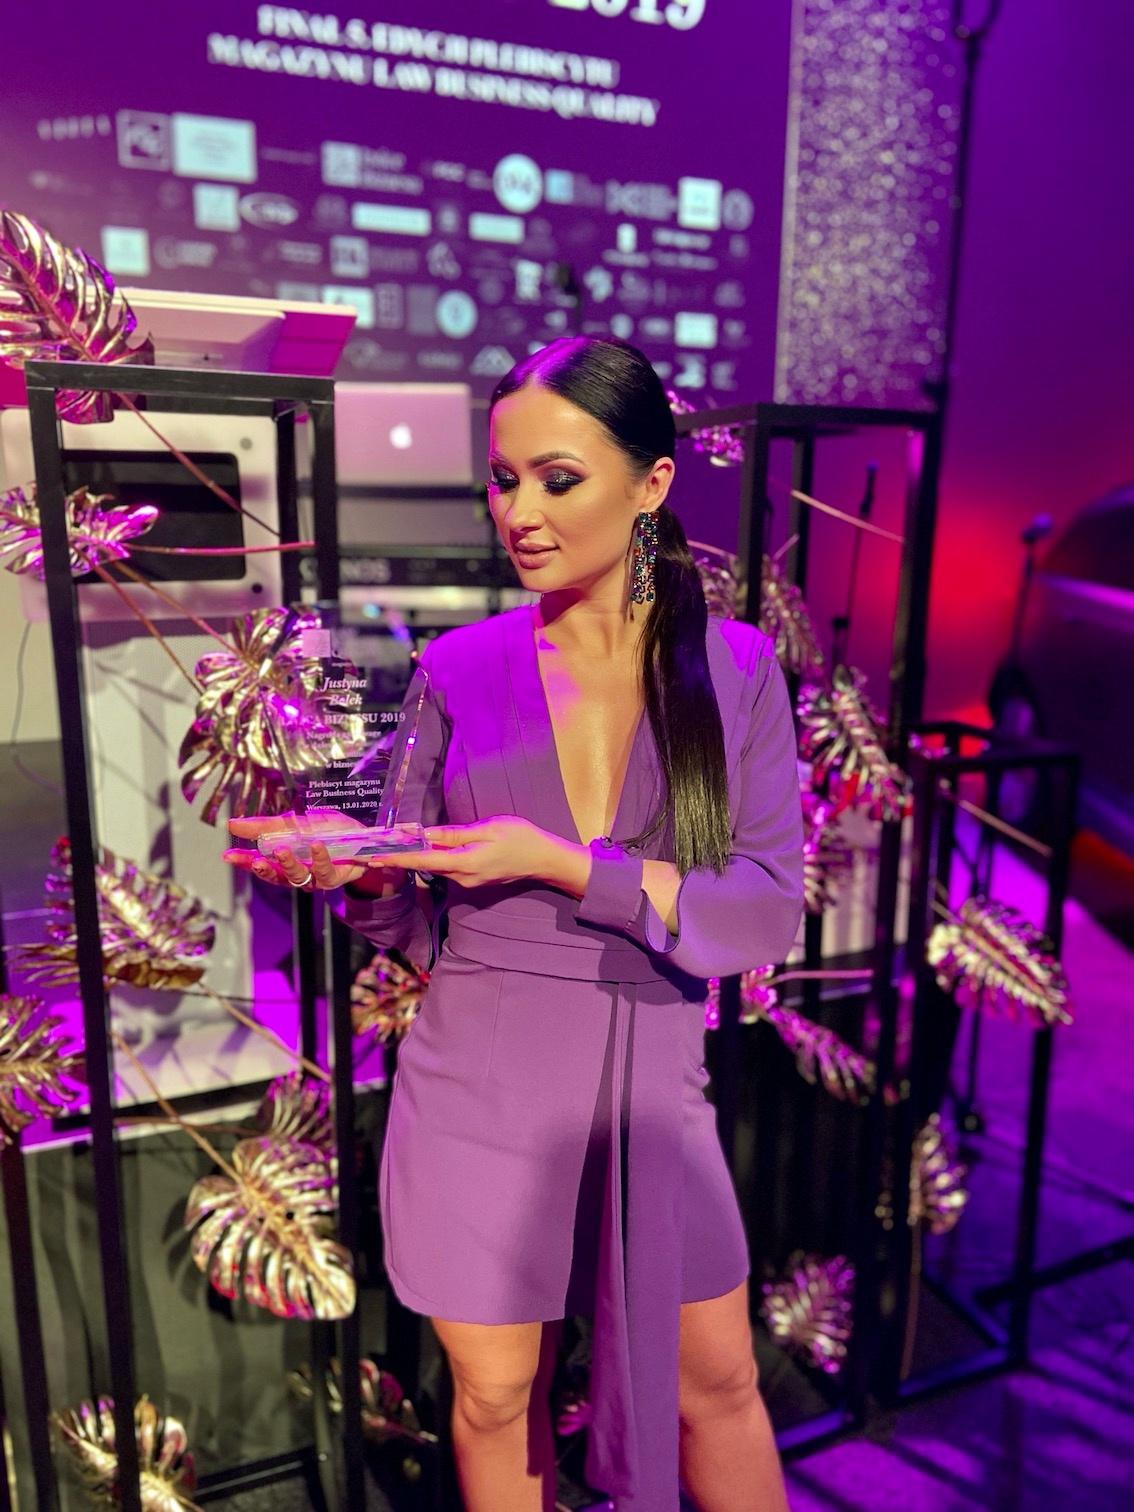 BlogStar: Justyna Bolek - Lwicą Biznesu 2019 - BlogStar.pl